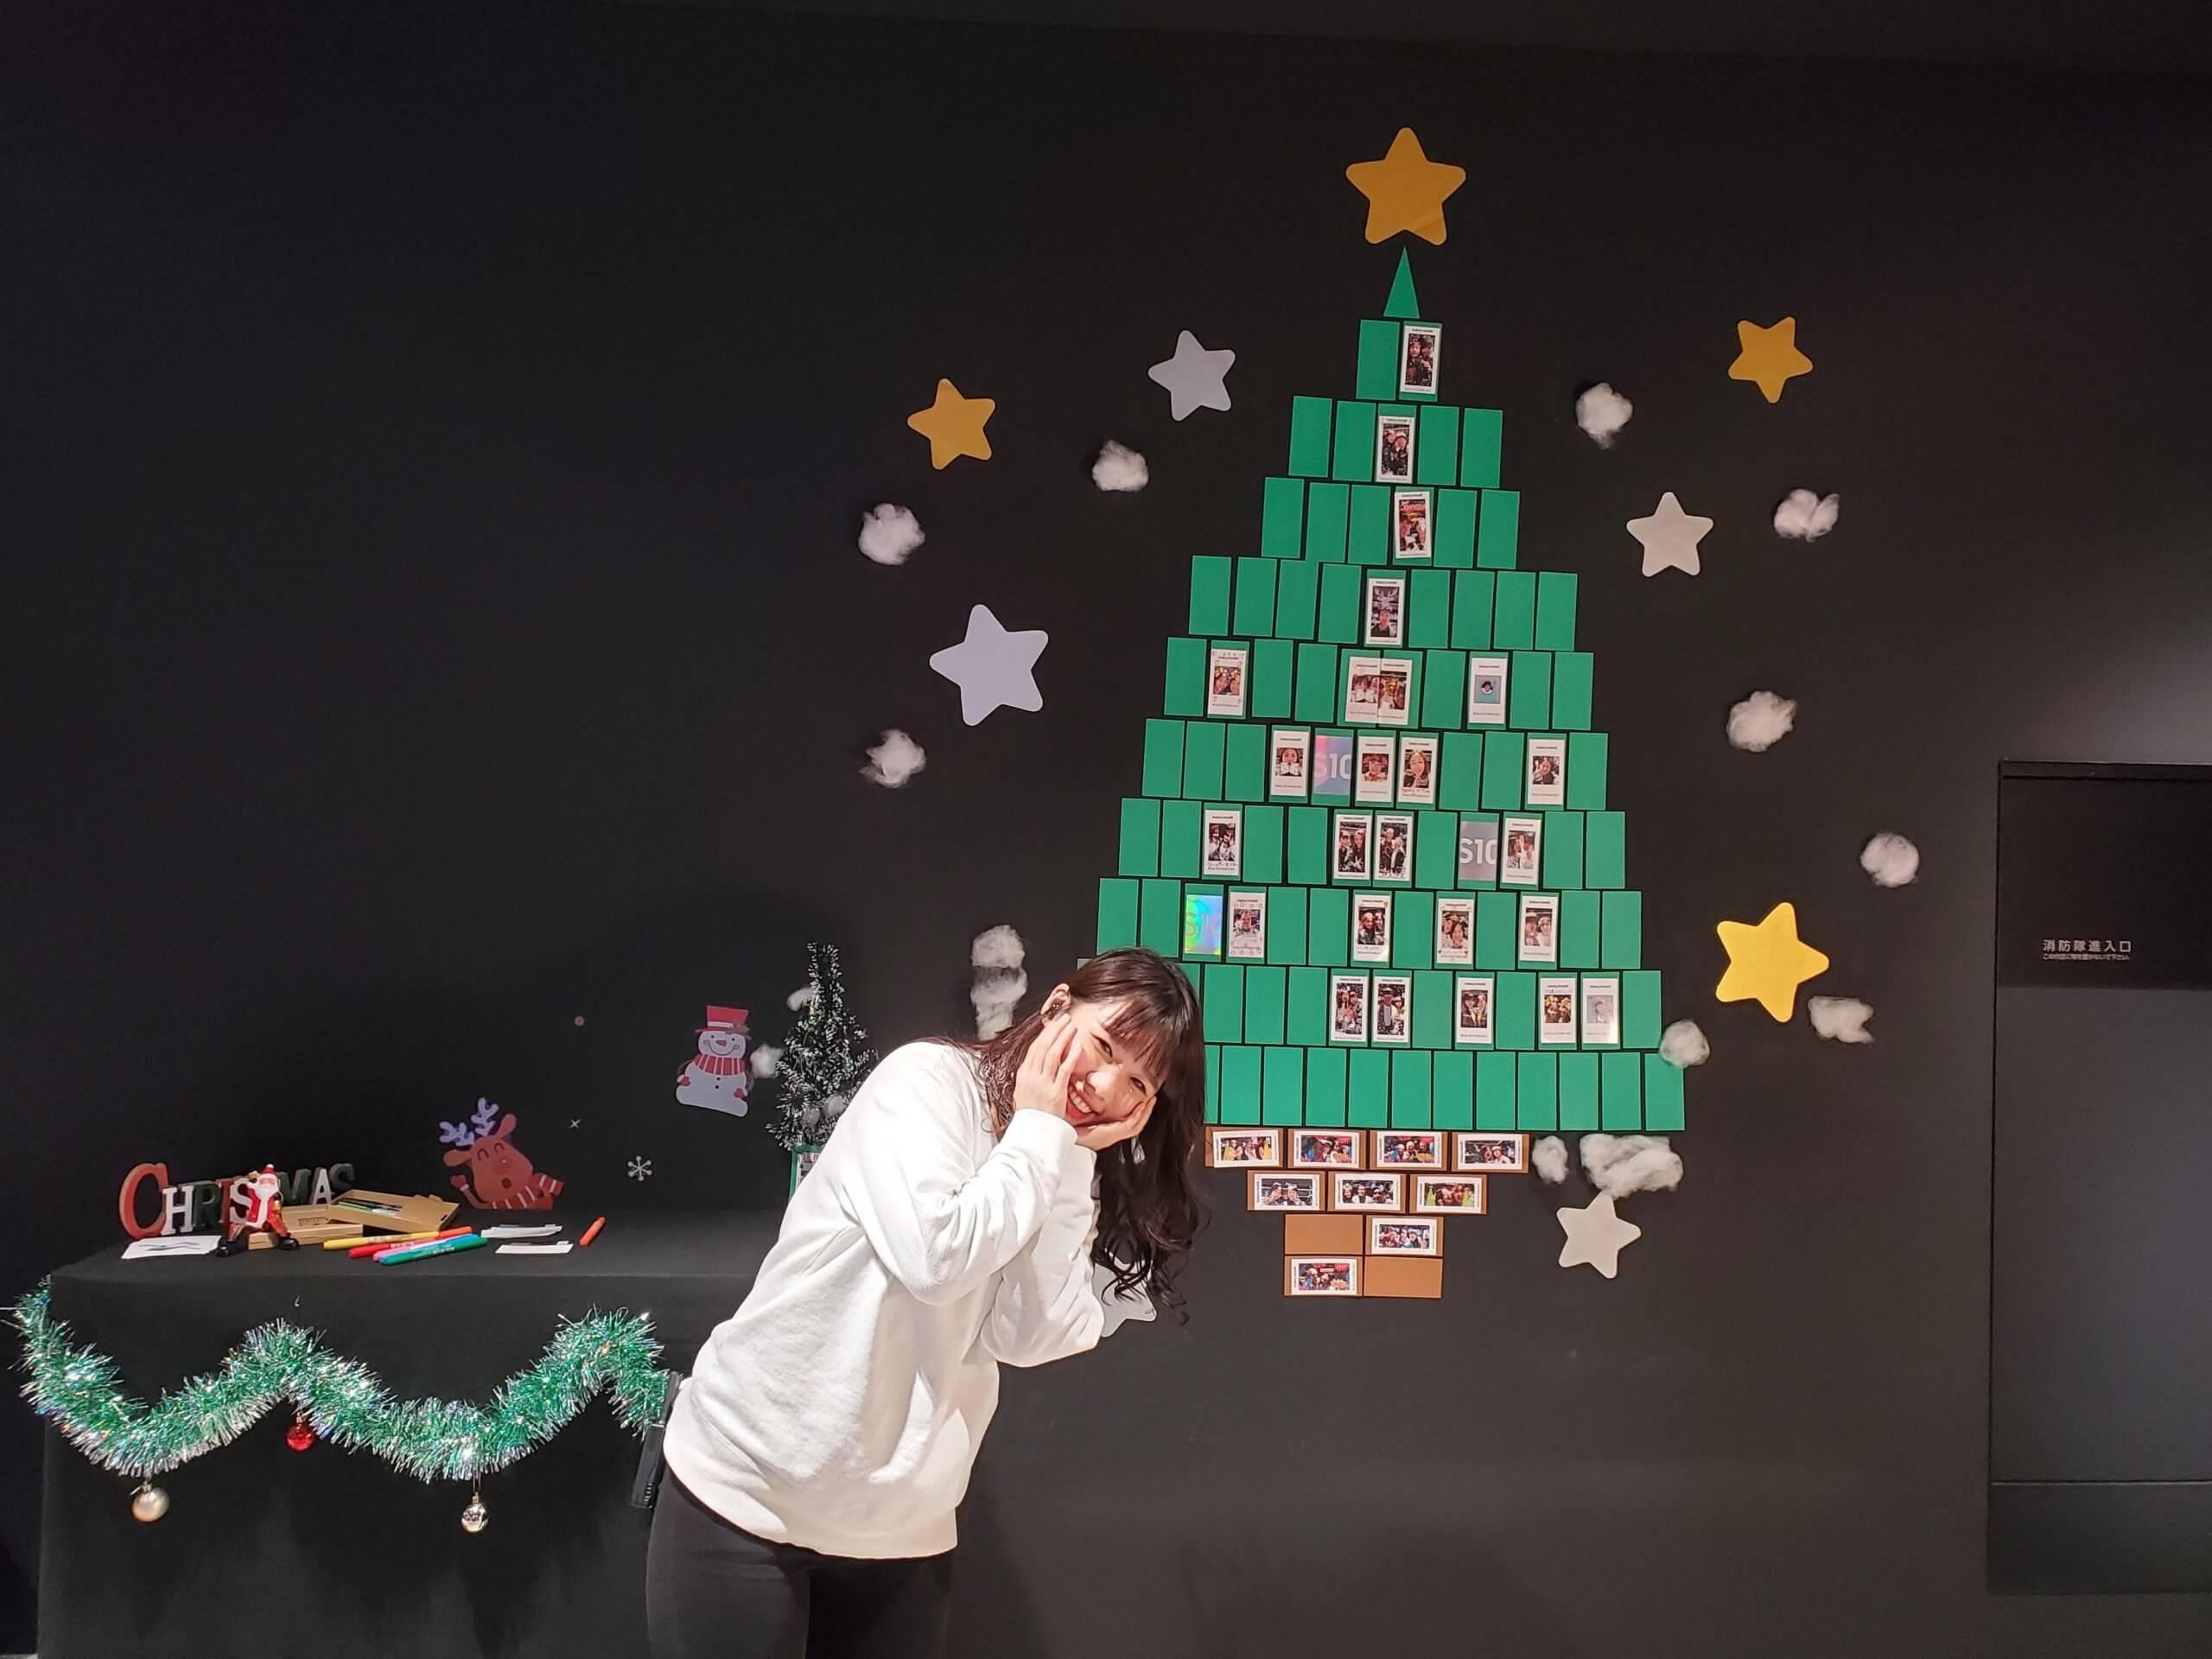 Galaxy Harajukuでクリスマスキャンペーン・イベントが開催┃イルミネーションも楽しめる、原宿で過ごすクリスマス